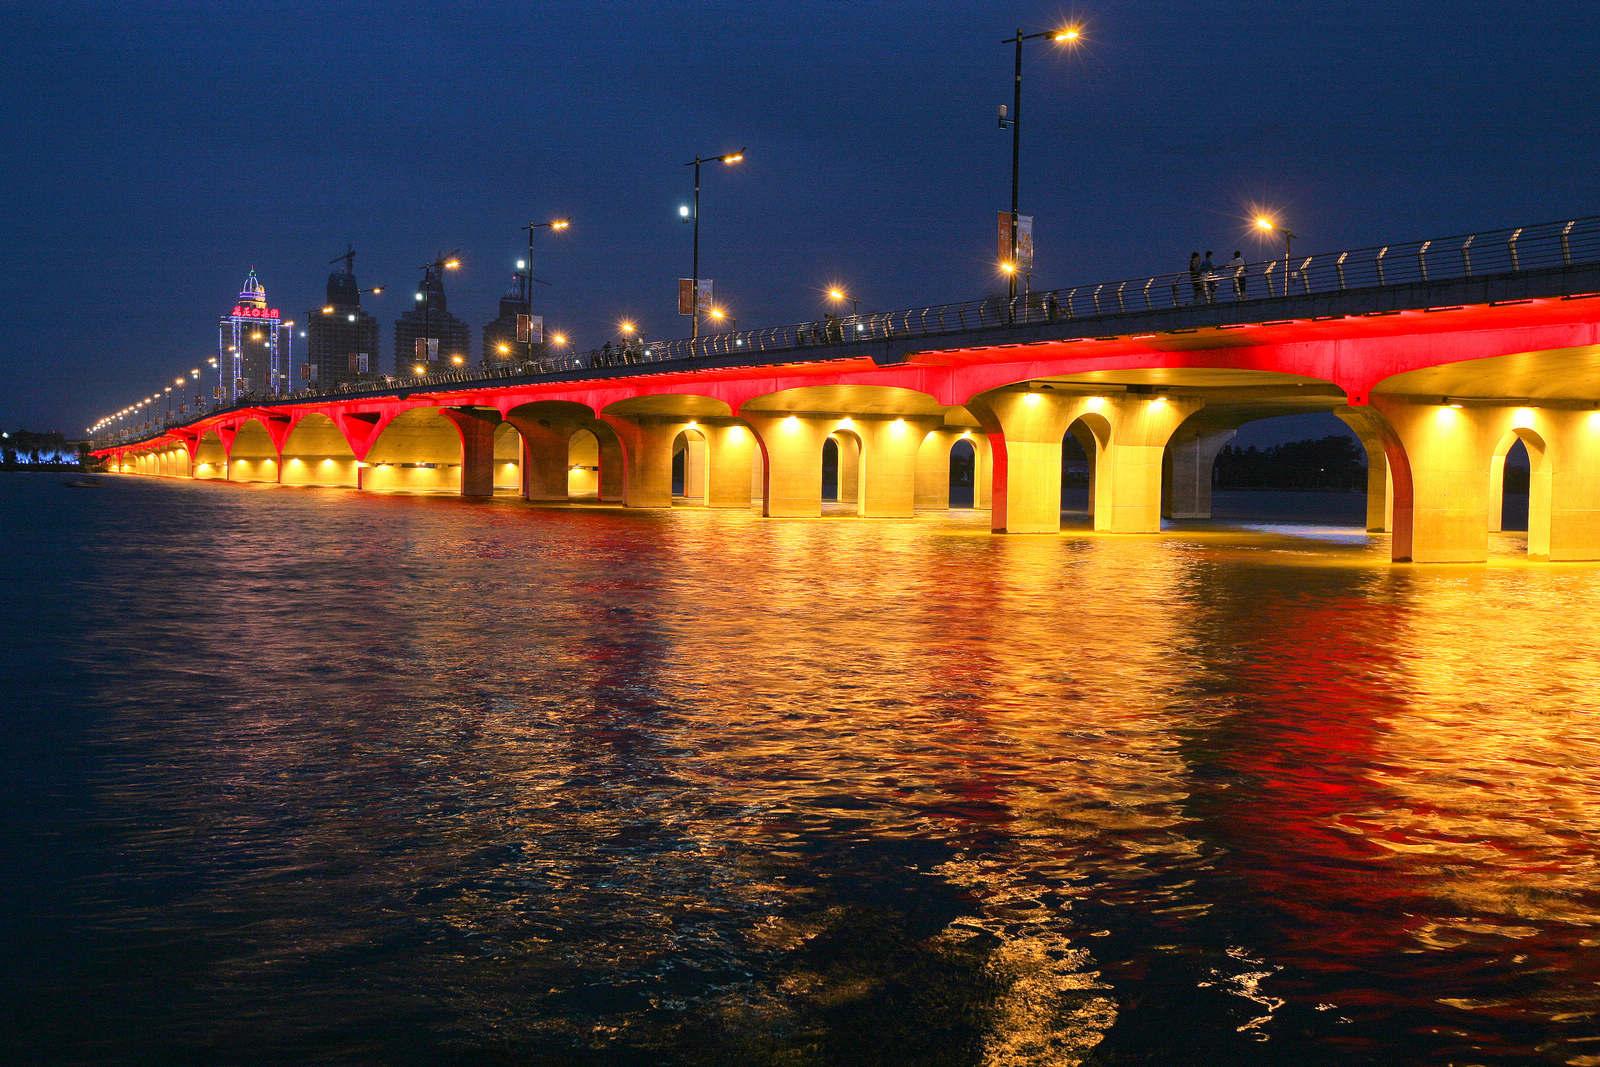 魅力南阳 白河之夜